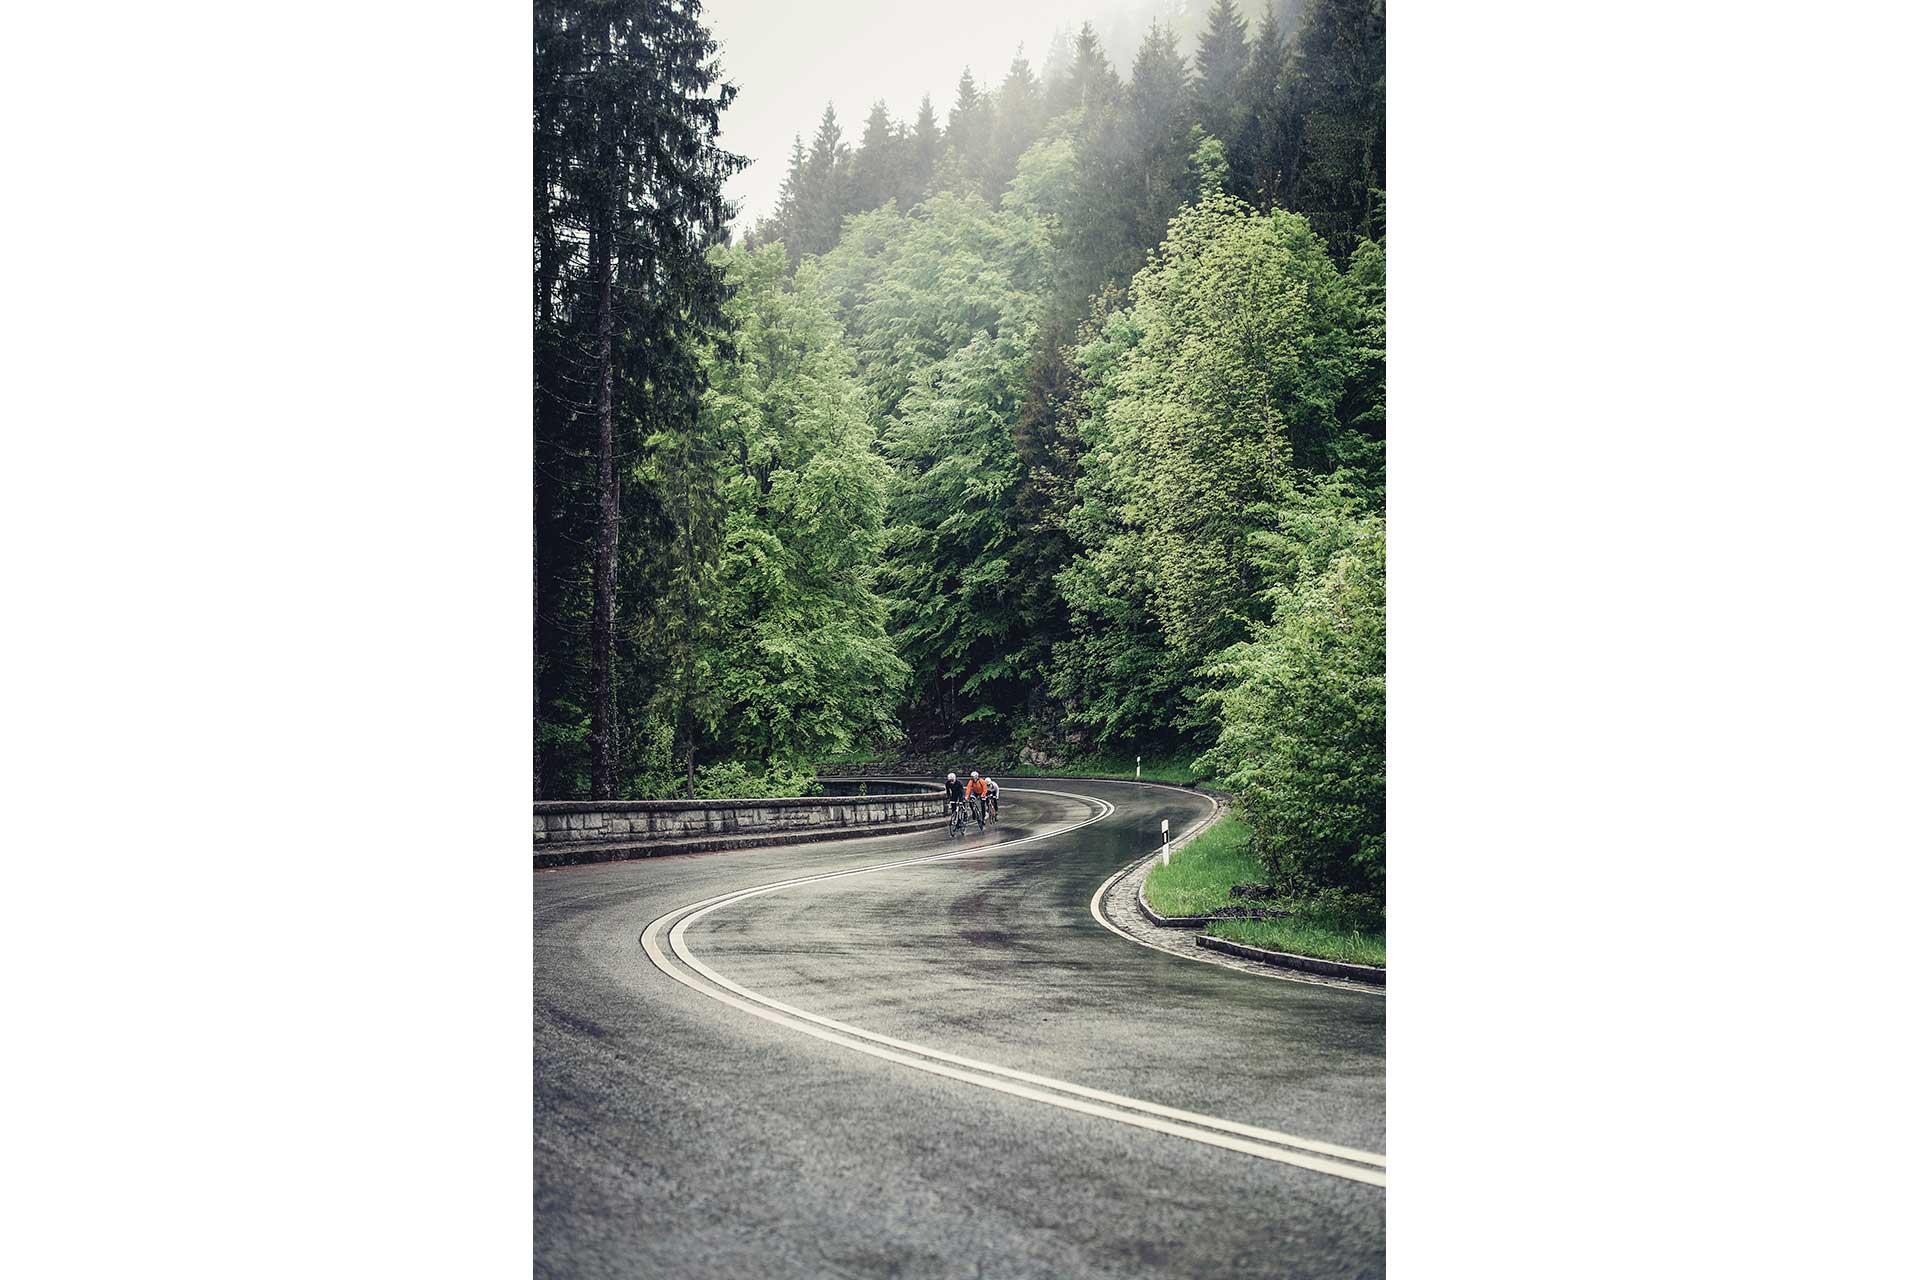 Wald Regen Sport Rennrad Radsport Fotograf Outdoor Straße Berge Salzburg